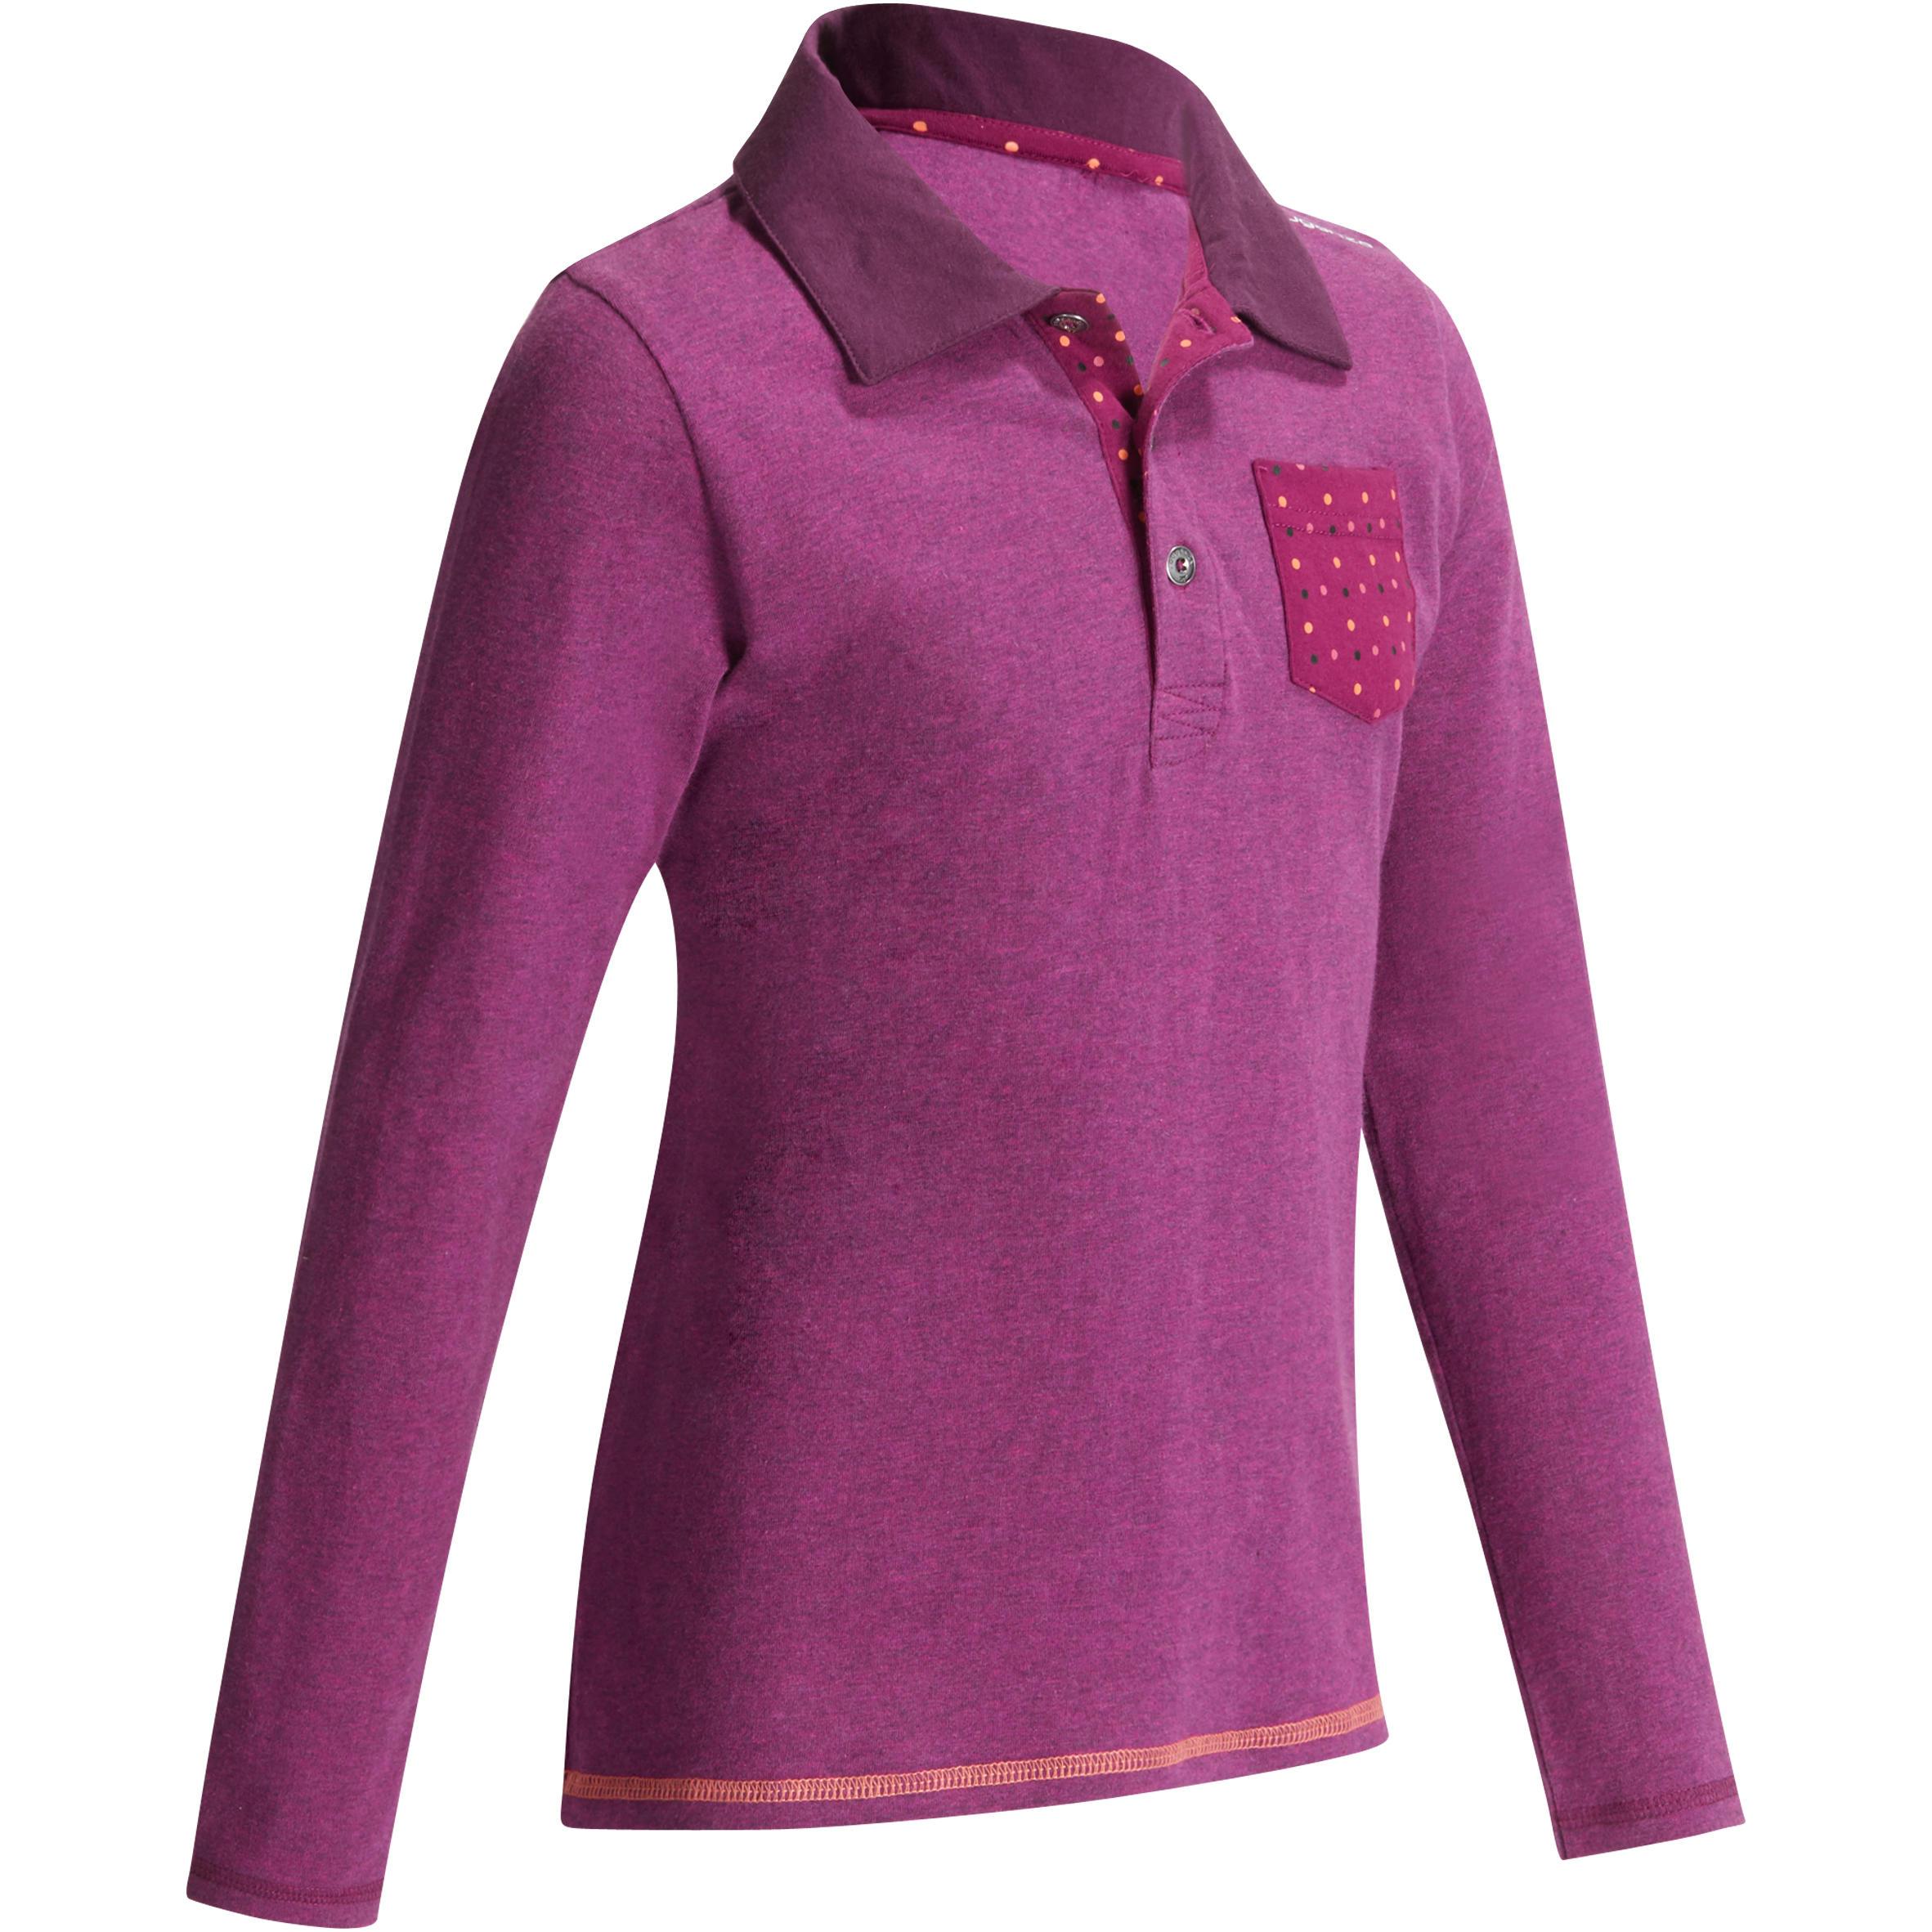 Fouganza Meisjespolo met lange mouwen ruitersport paars zakje stipjesprint